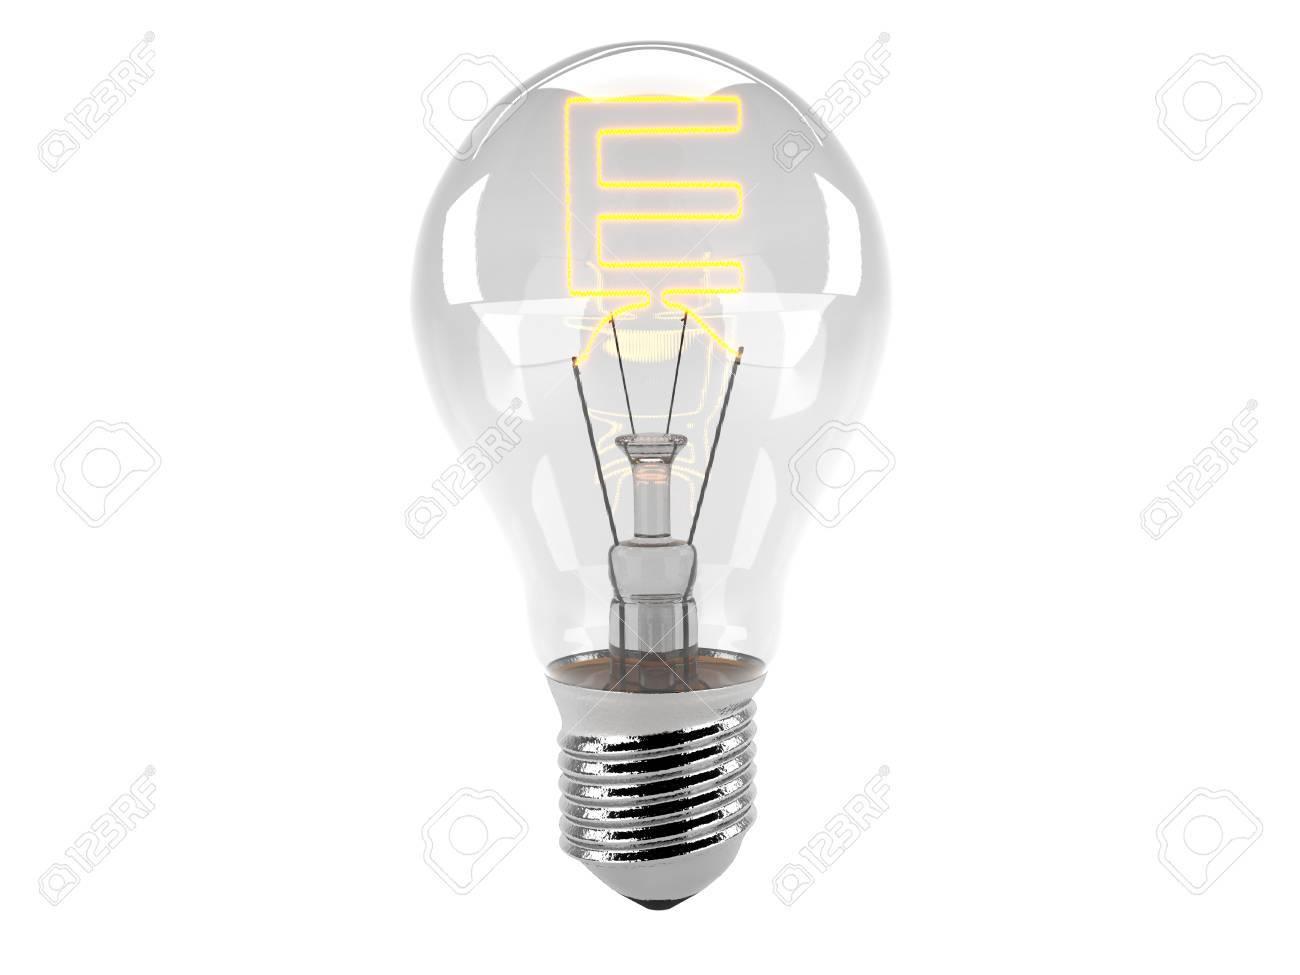 Erfreut Mit Licht Schalten Galerie - Elektrische Schaltplan-Ideen ...